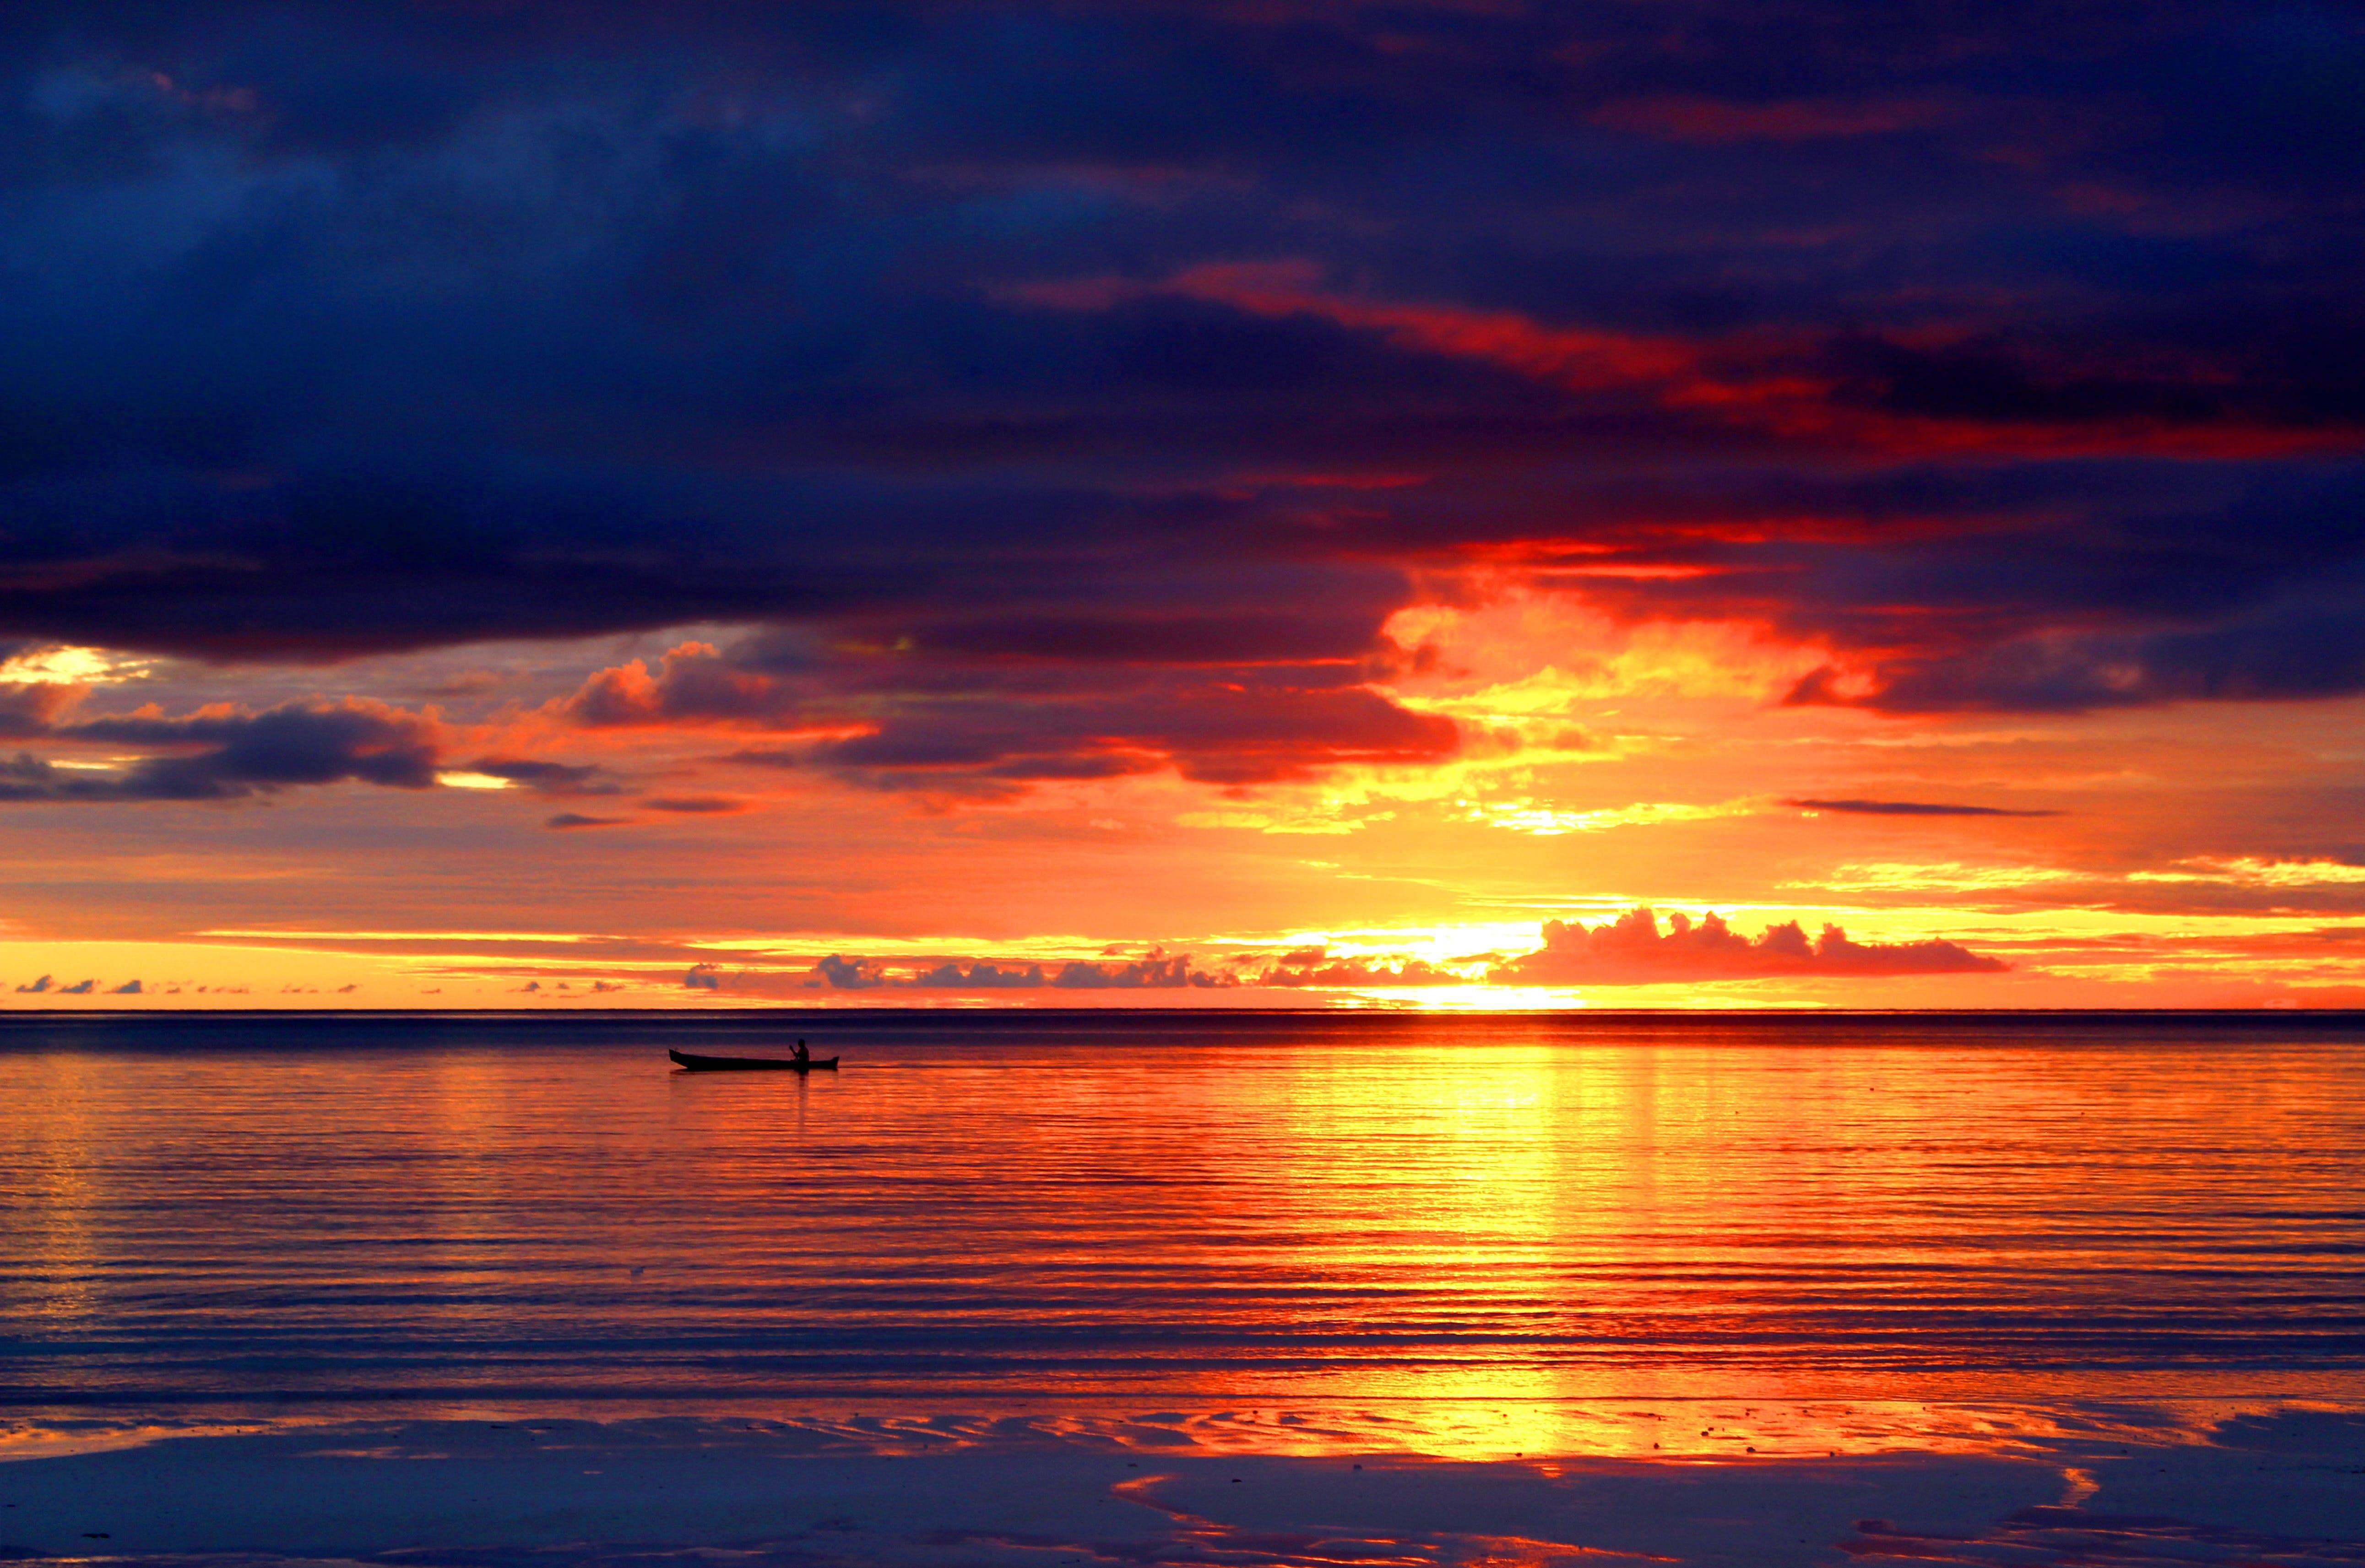 aften, bagbelyst, hav